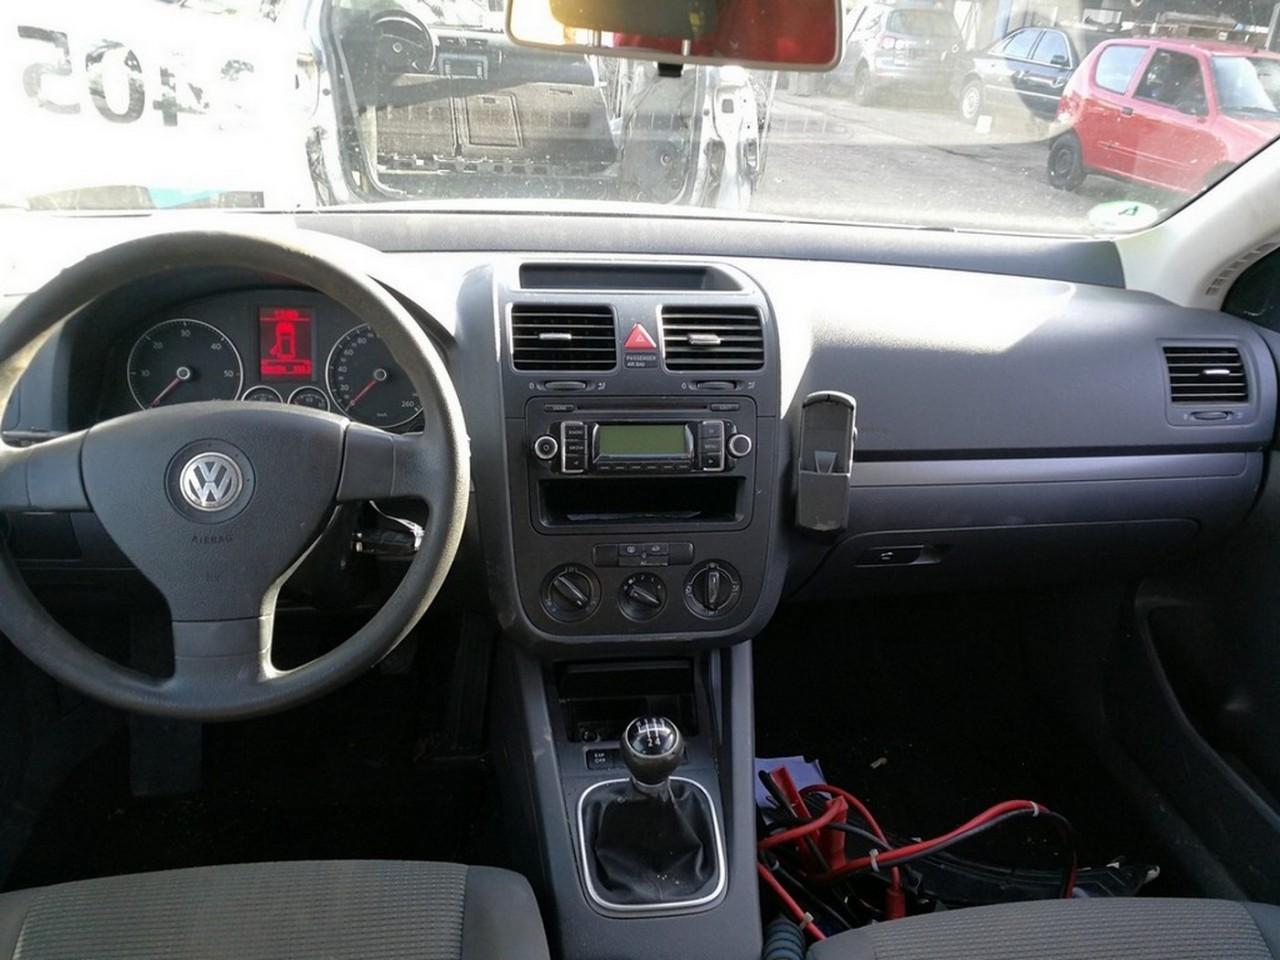 DEZMEMBRARI AUTO Volkswagen Golf 5 bluemotion an de fabricatie 2008 - 2009 - 2010